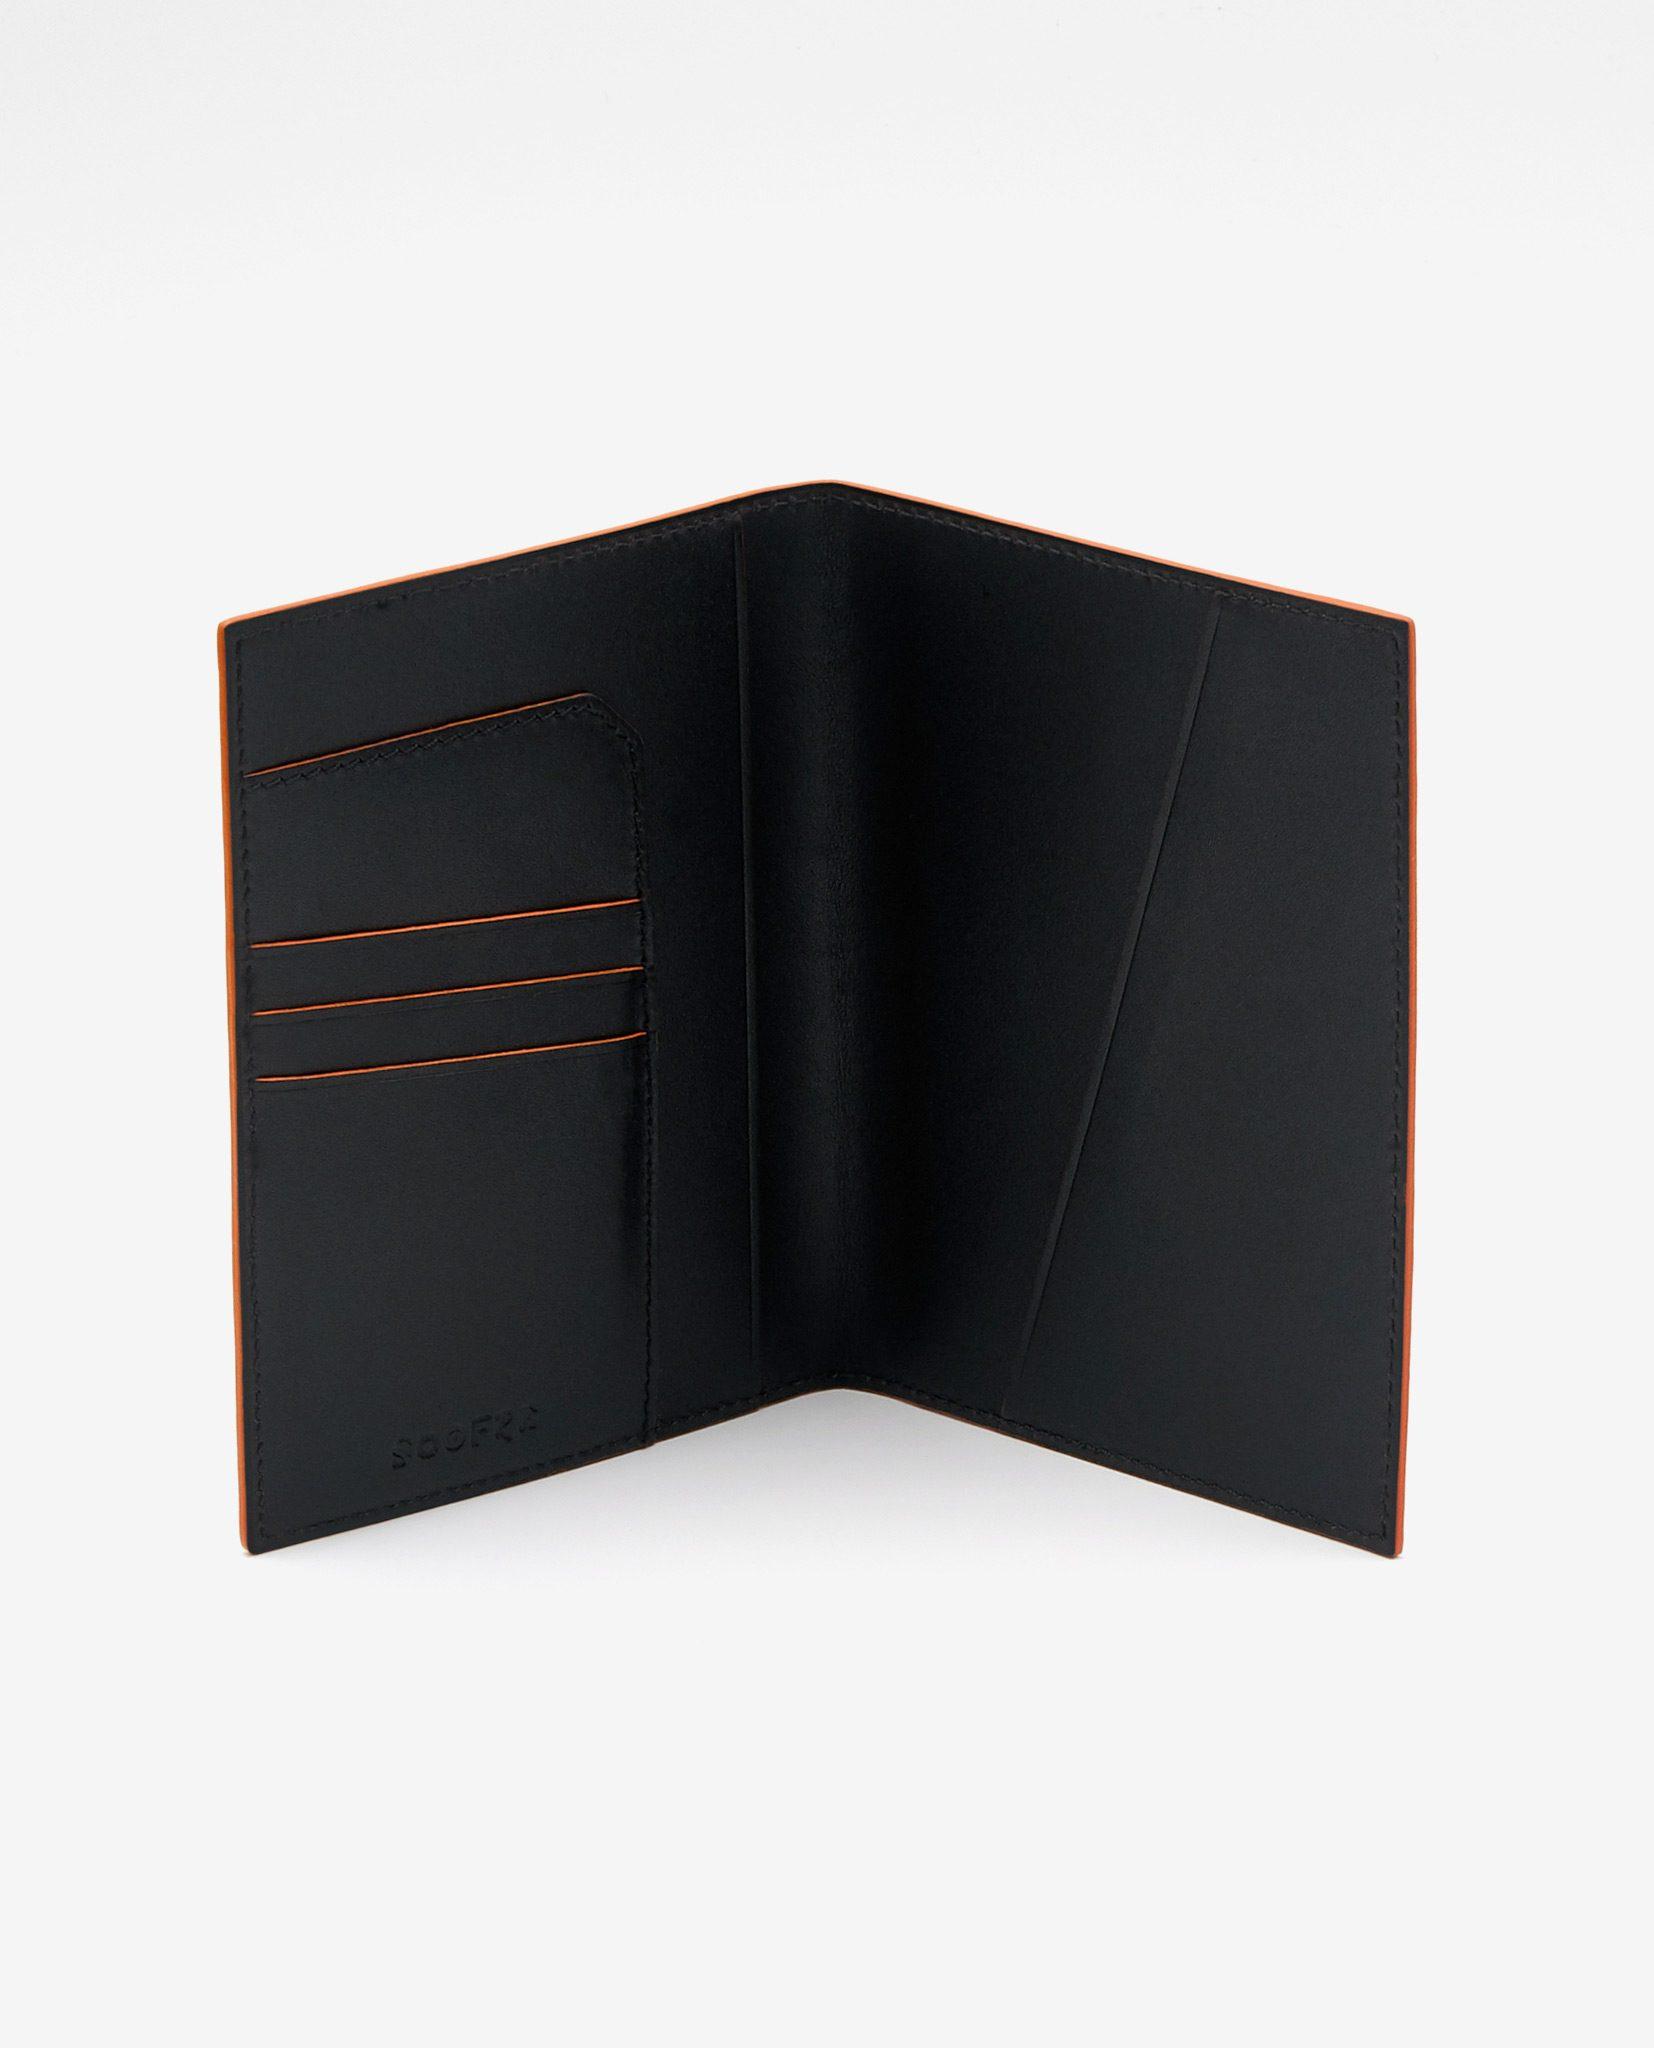 Soofre_Passport-Holder_Black-Orange-2